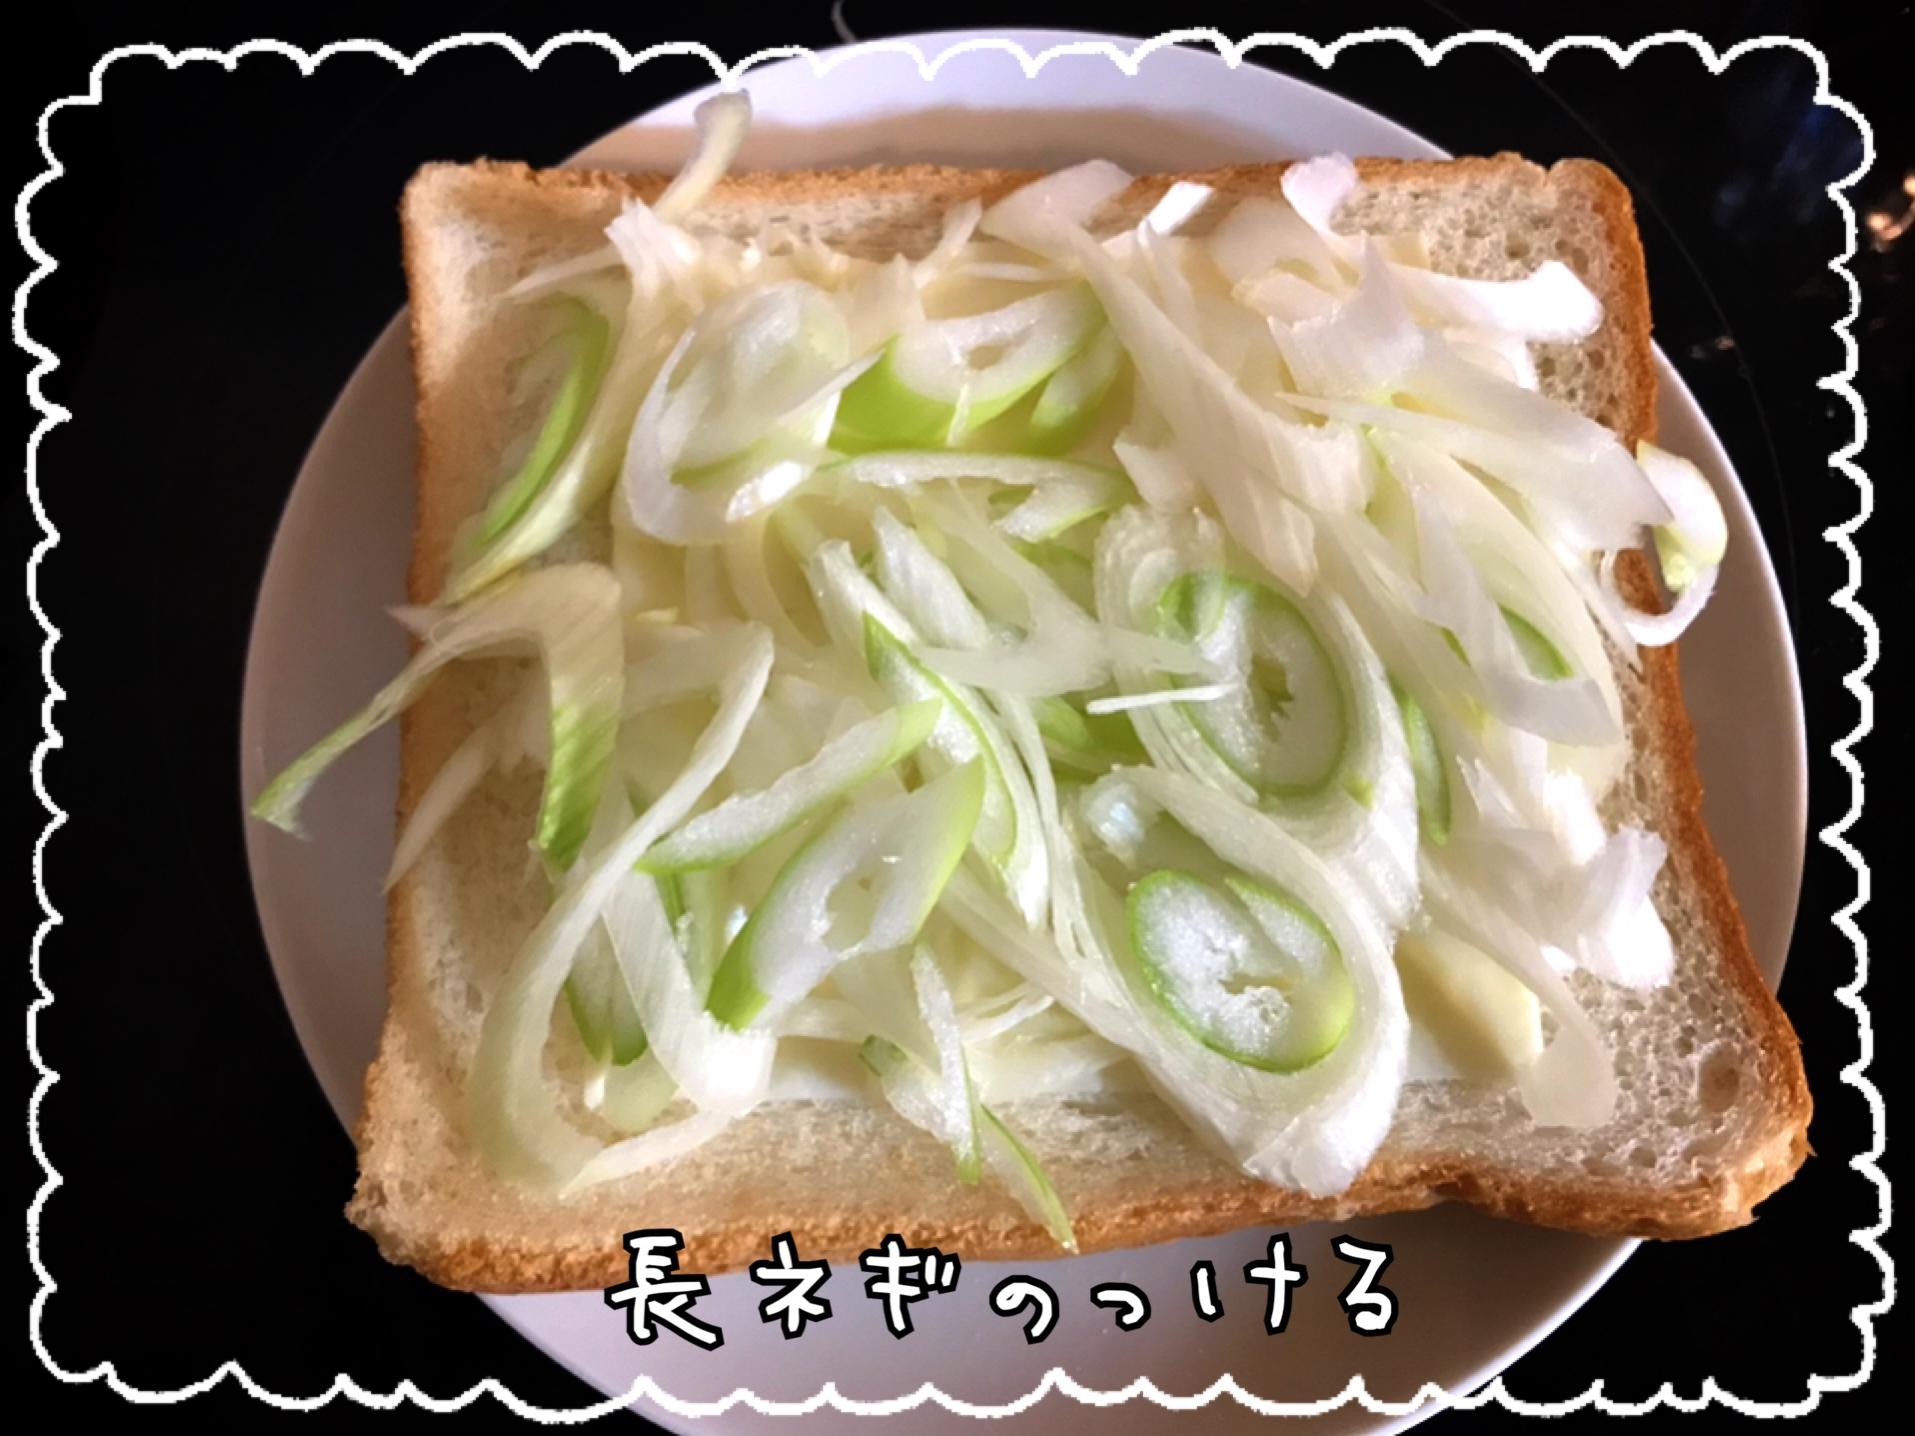 サバ缶 ピザトースト